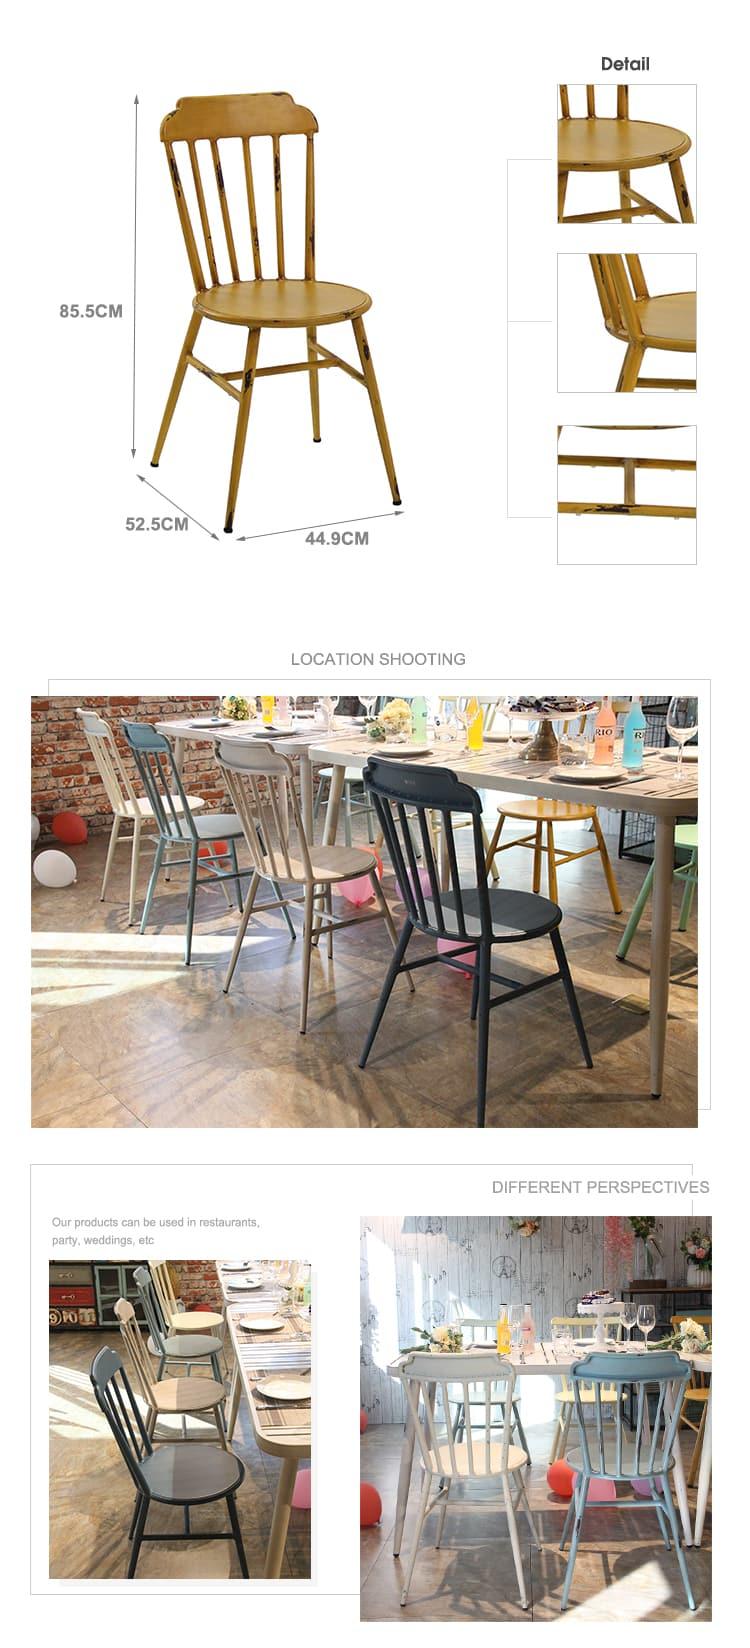 Silla de comedor apilable nórdica para restaurante Crown Royal de diseñador 723-H45 (75) -ALU